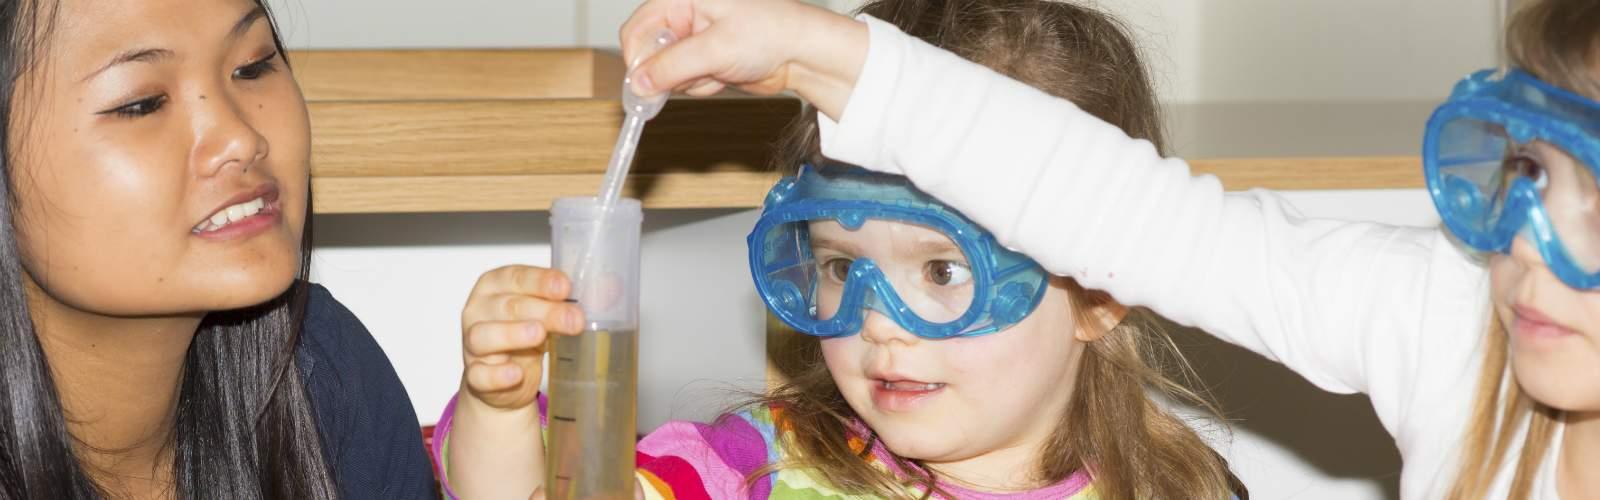 Ausbildung zum Kinderpfleger oder Kinderpflegerin